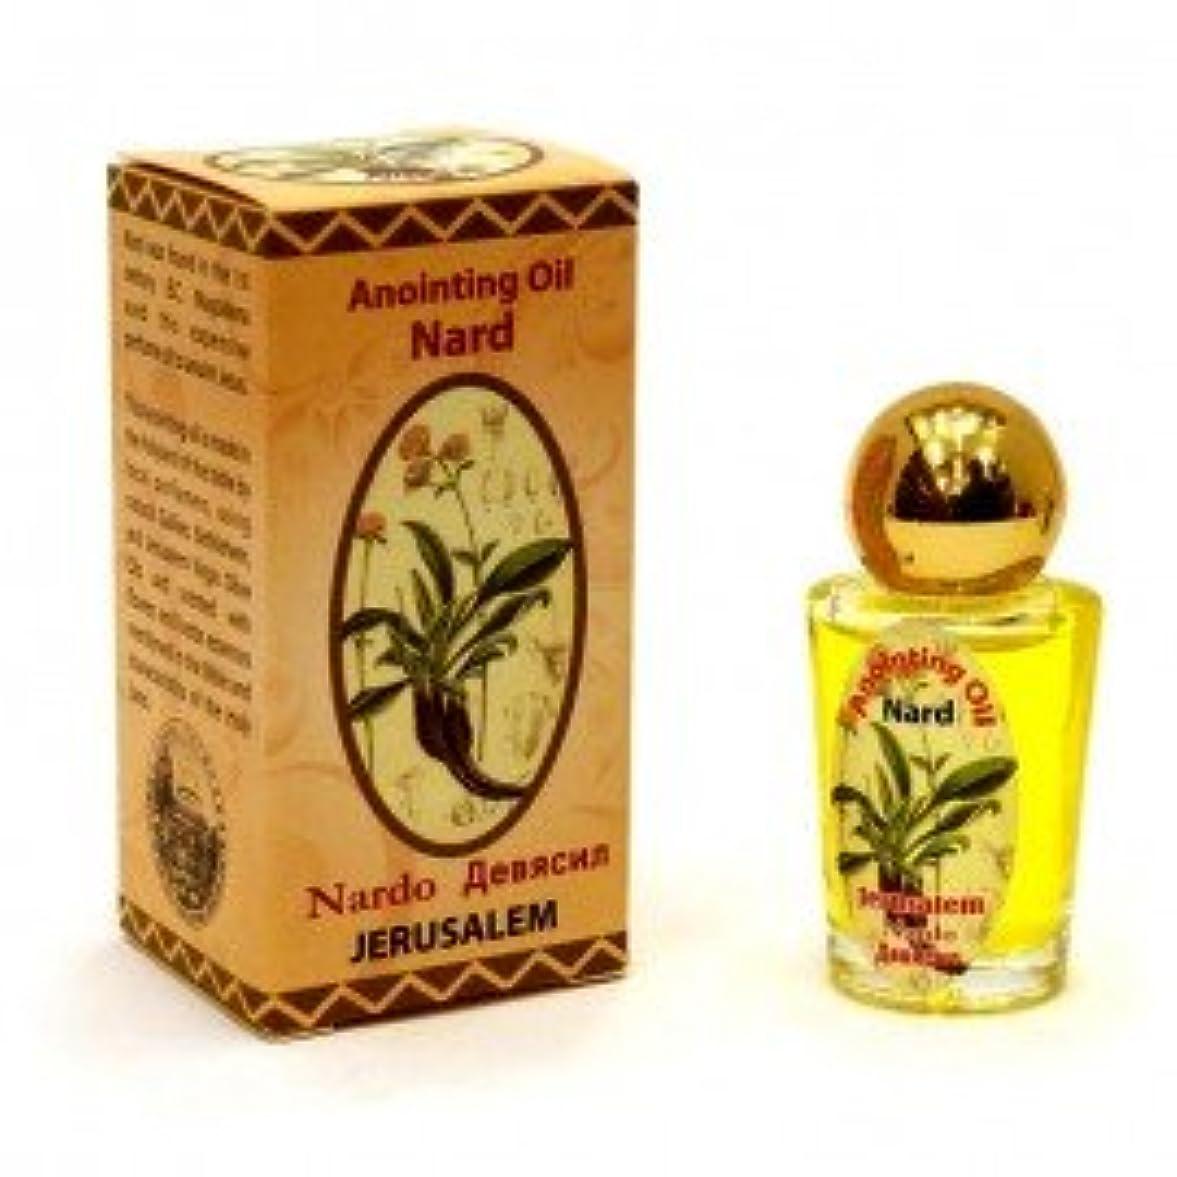 リル立法地中海Holy Land Blessed Anointingオイル30 ml Biblical Fragrance Jerusalem byベツレヘムギフトTM